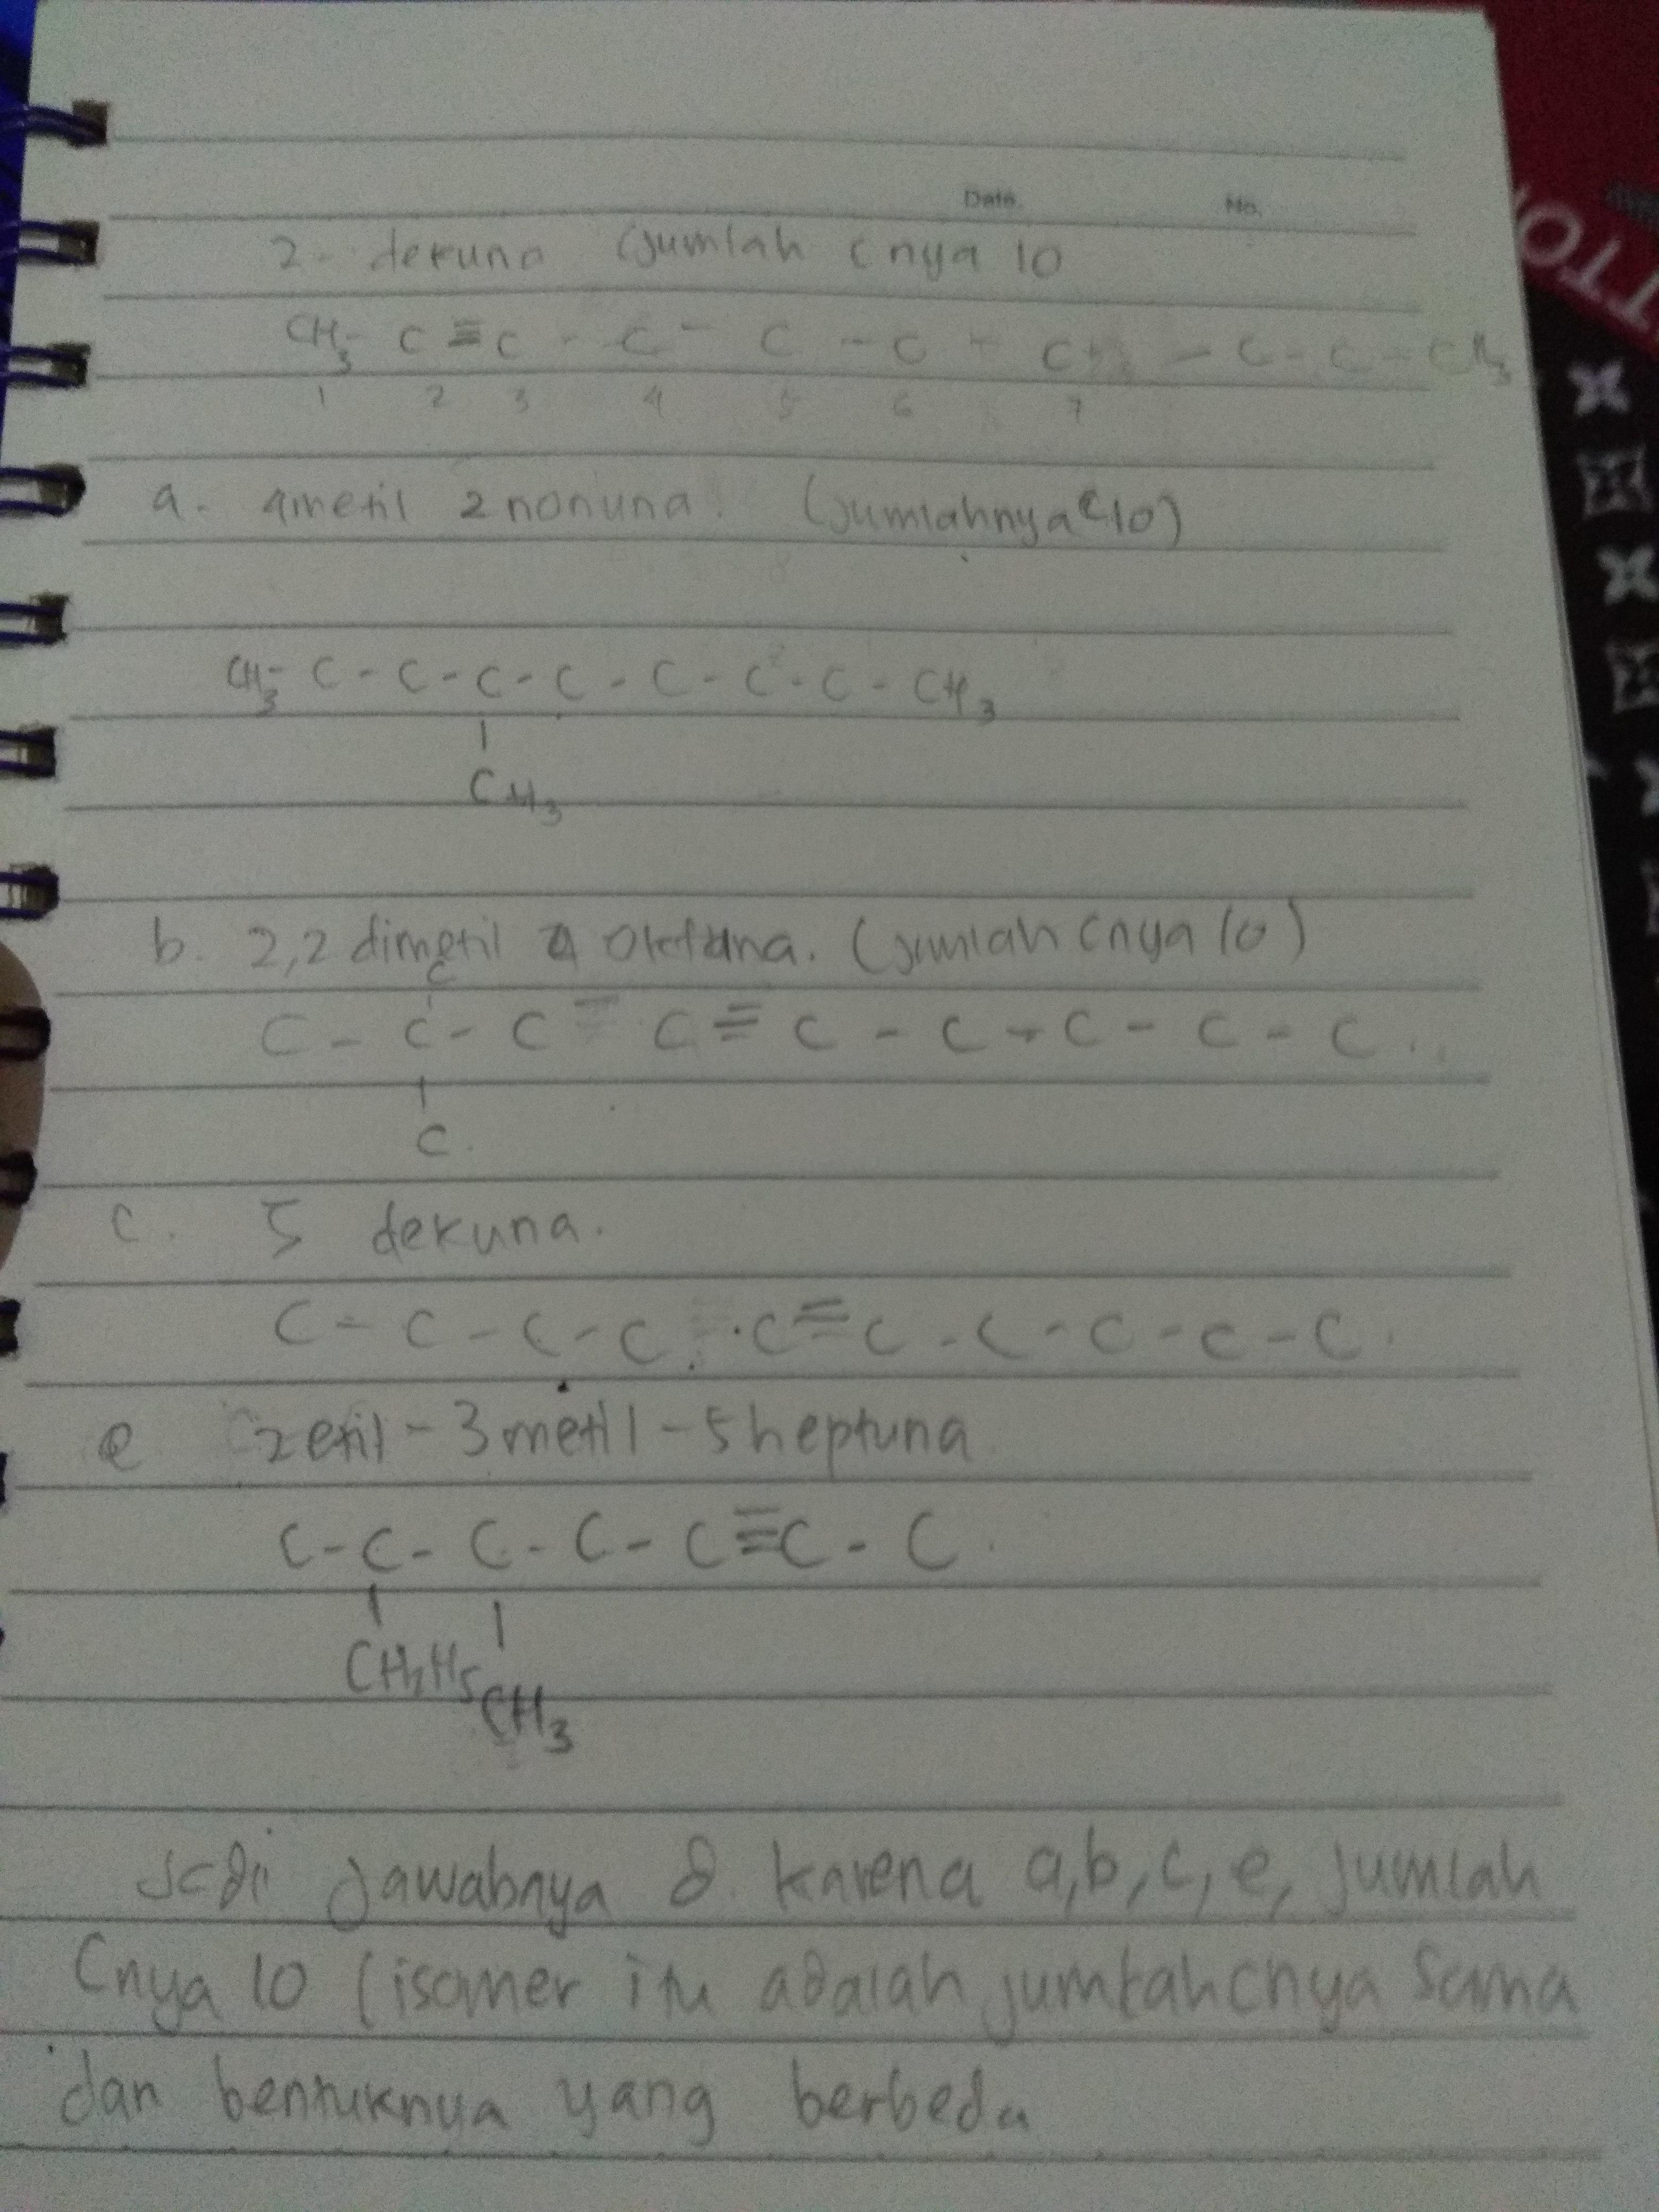 senyawa yang bukan merupakan isomer posisi dari 2-dekuna ...